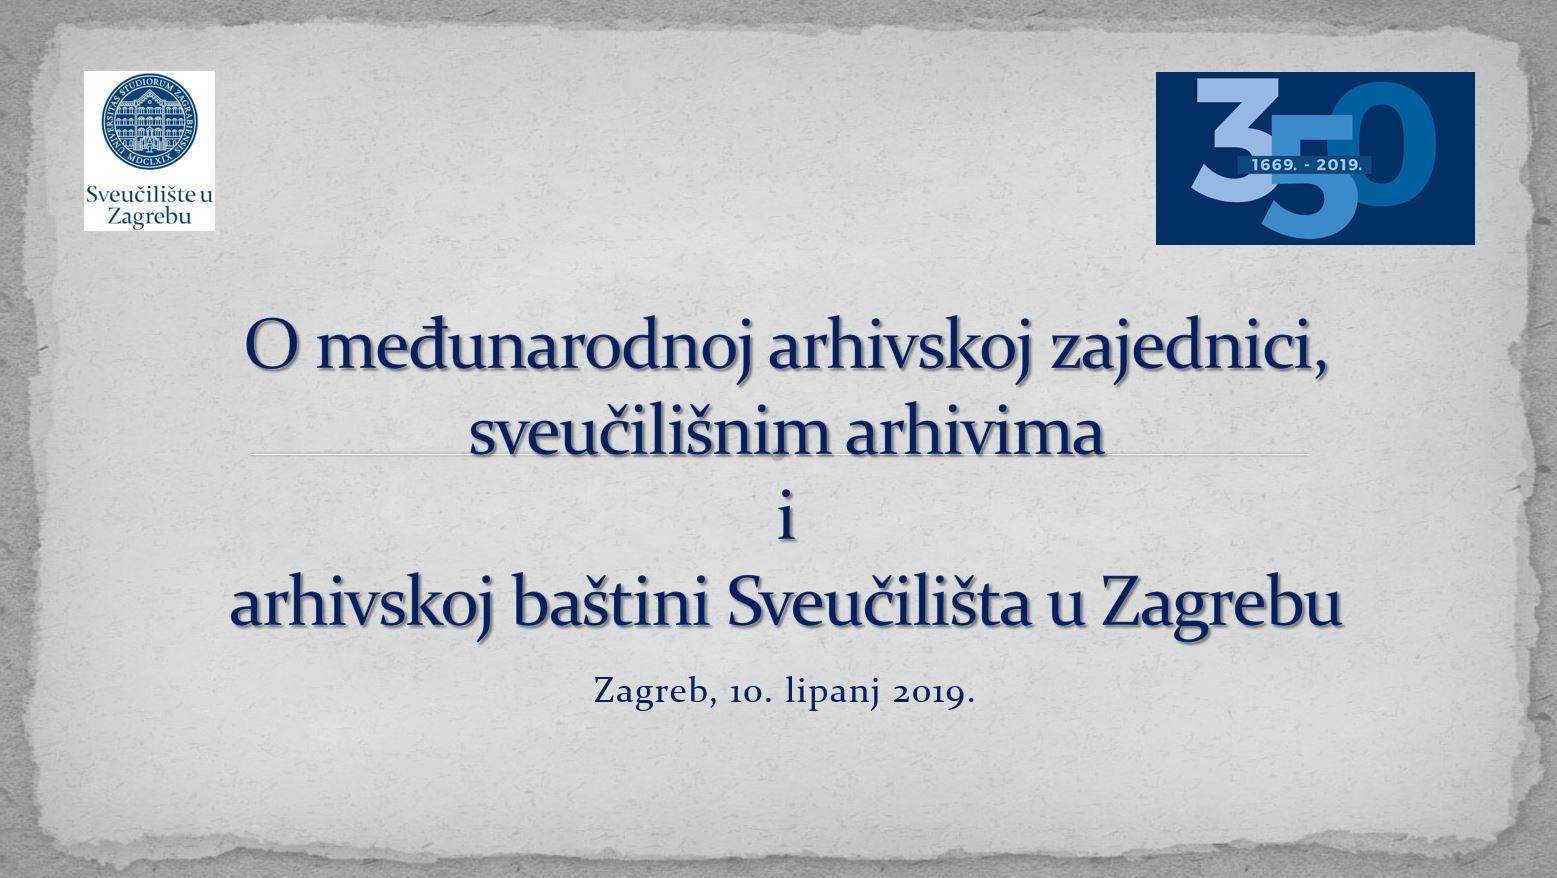 prikaz prve stranice dokumenta O međunarodnoj arhivskoj zajednici, sveučilišnim arhivima i arhivskoj baštini Sveučilišta u Zagrebu